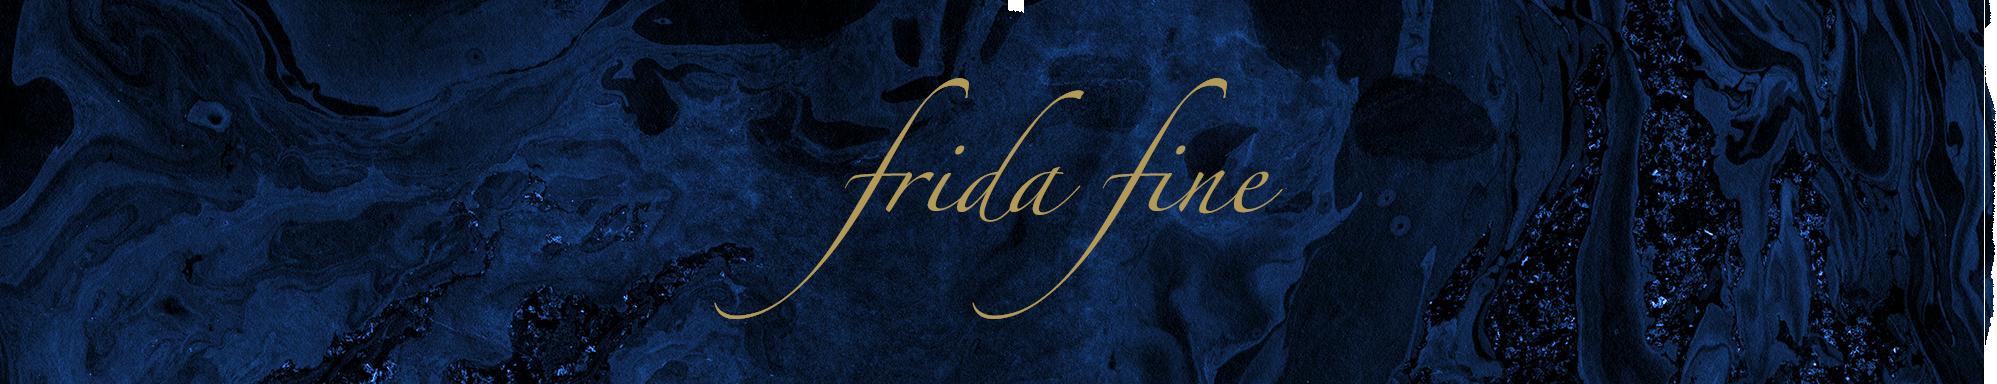 FRIDA Fine. Banner.png